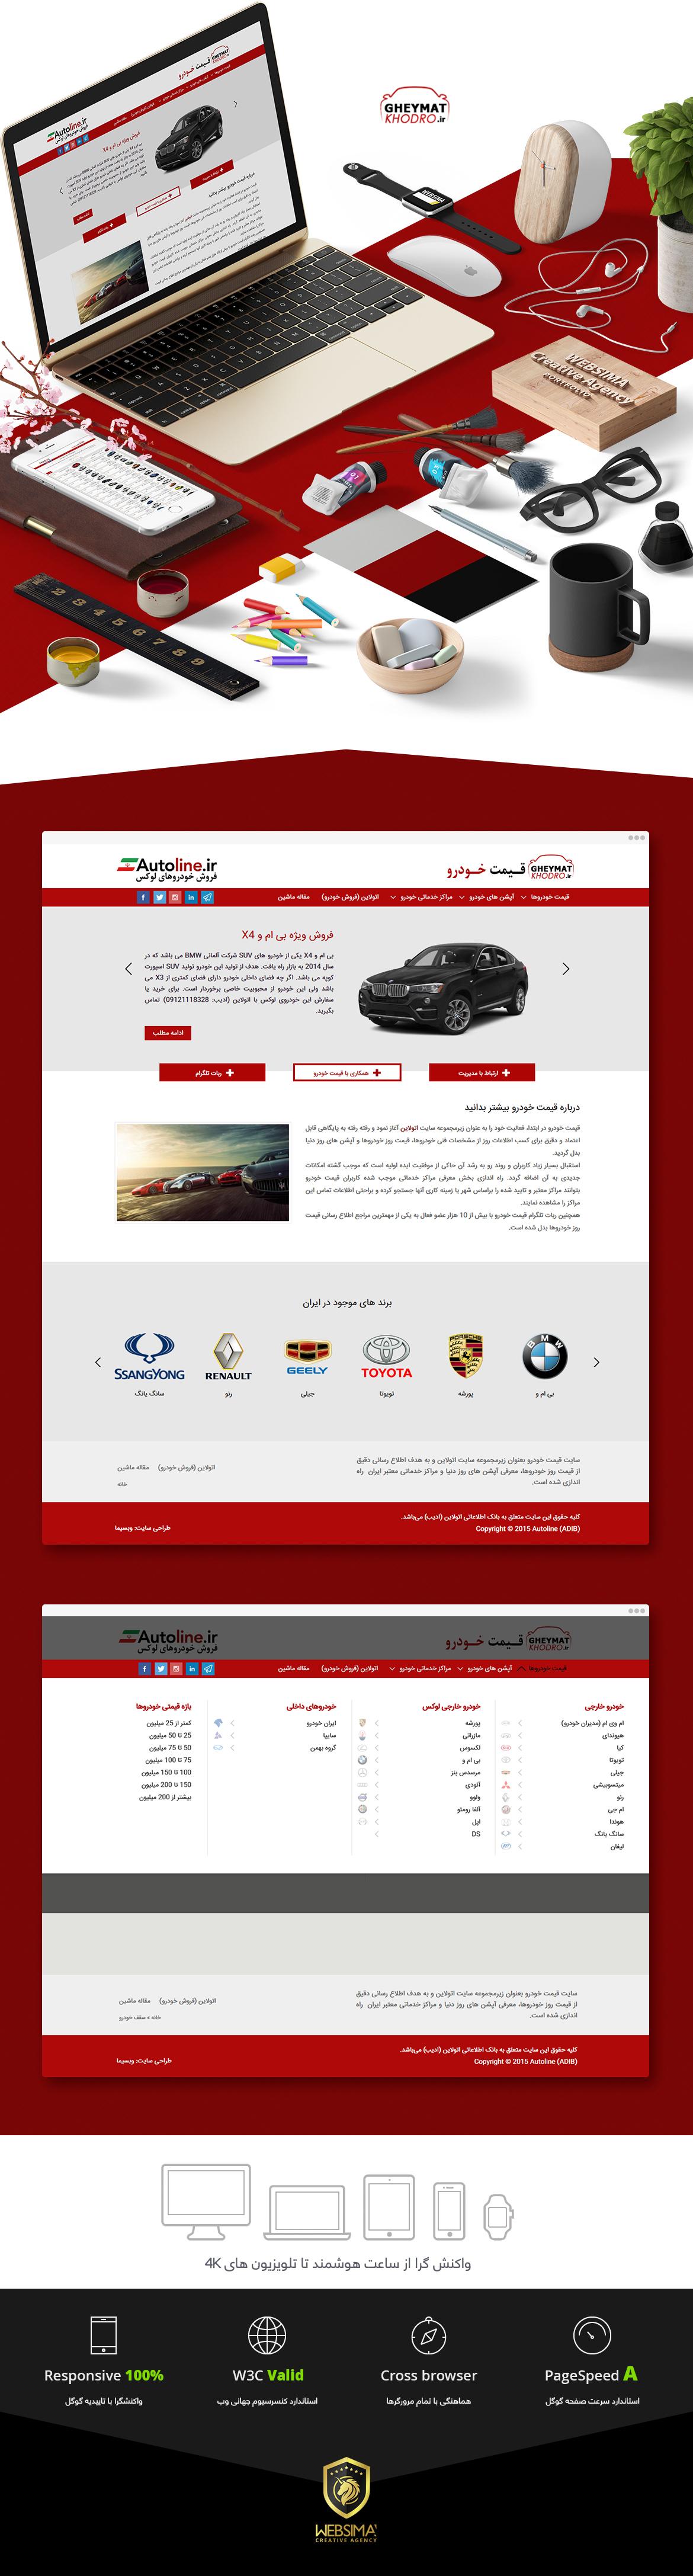 طراحی سایت قیمت خودرو